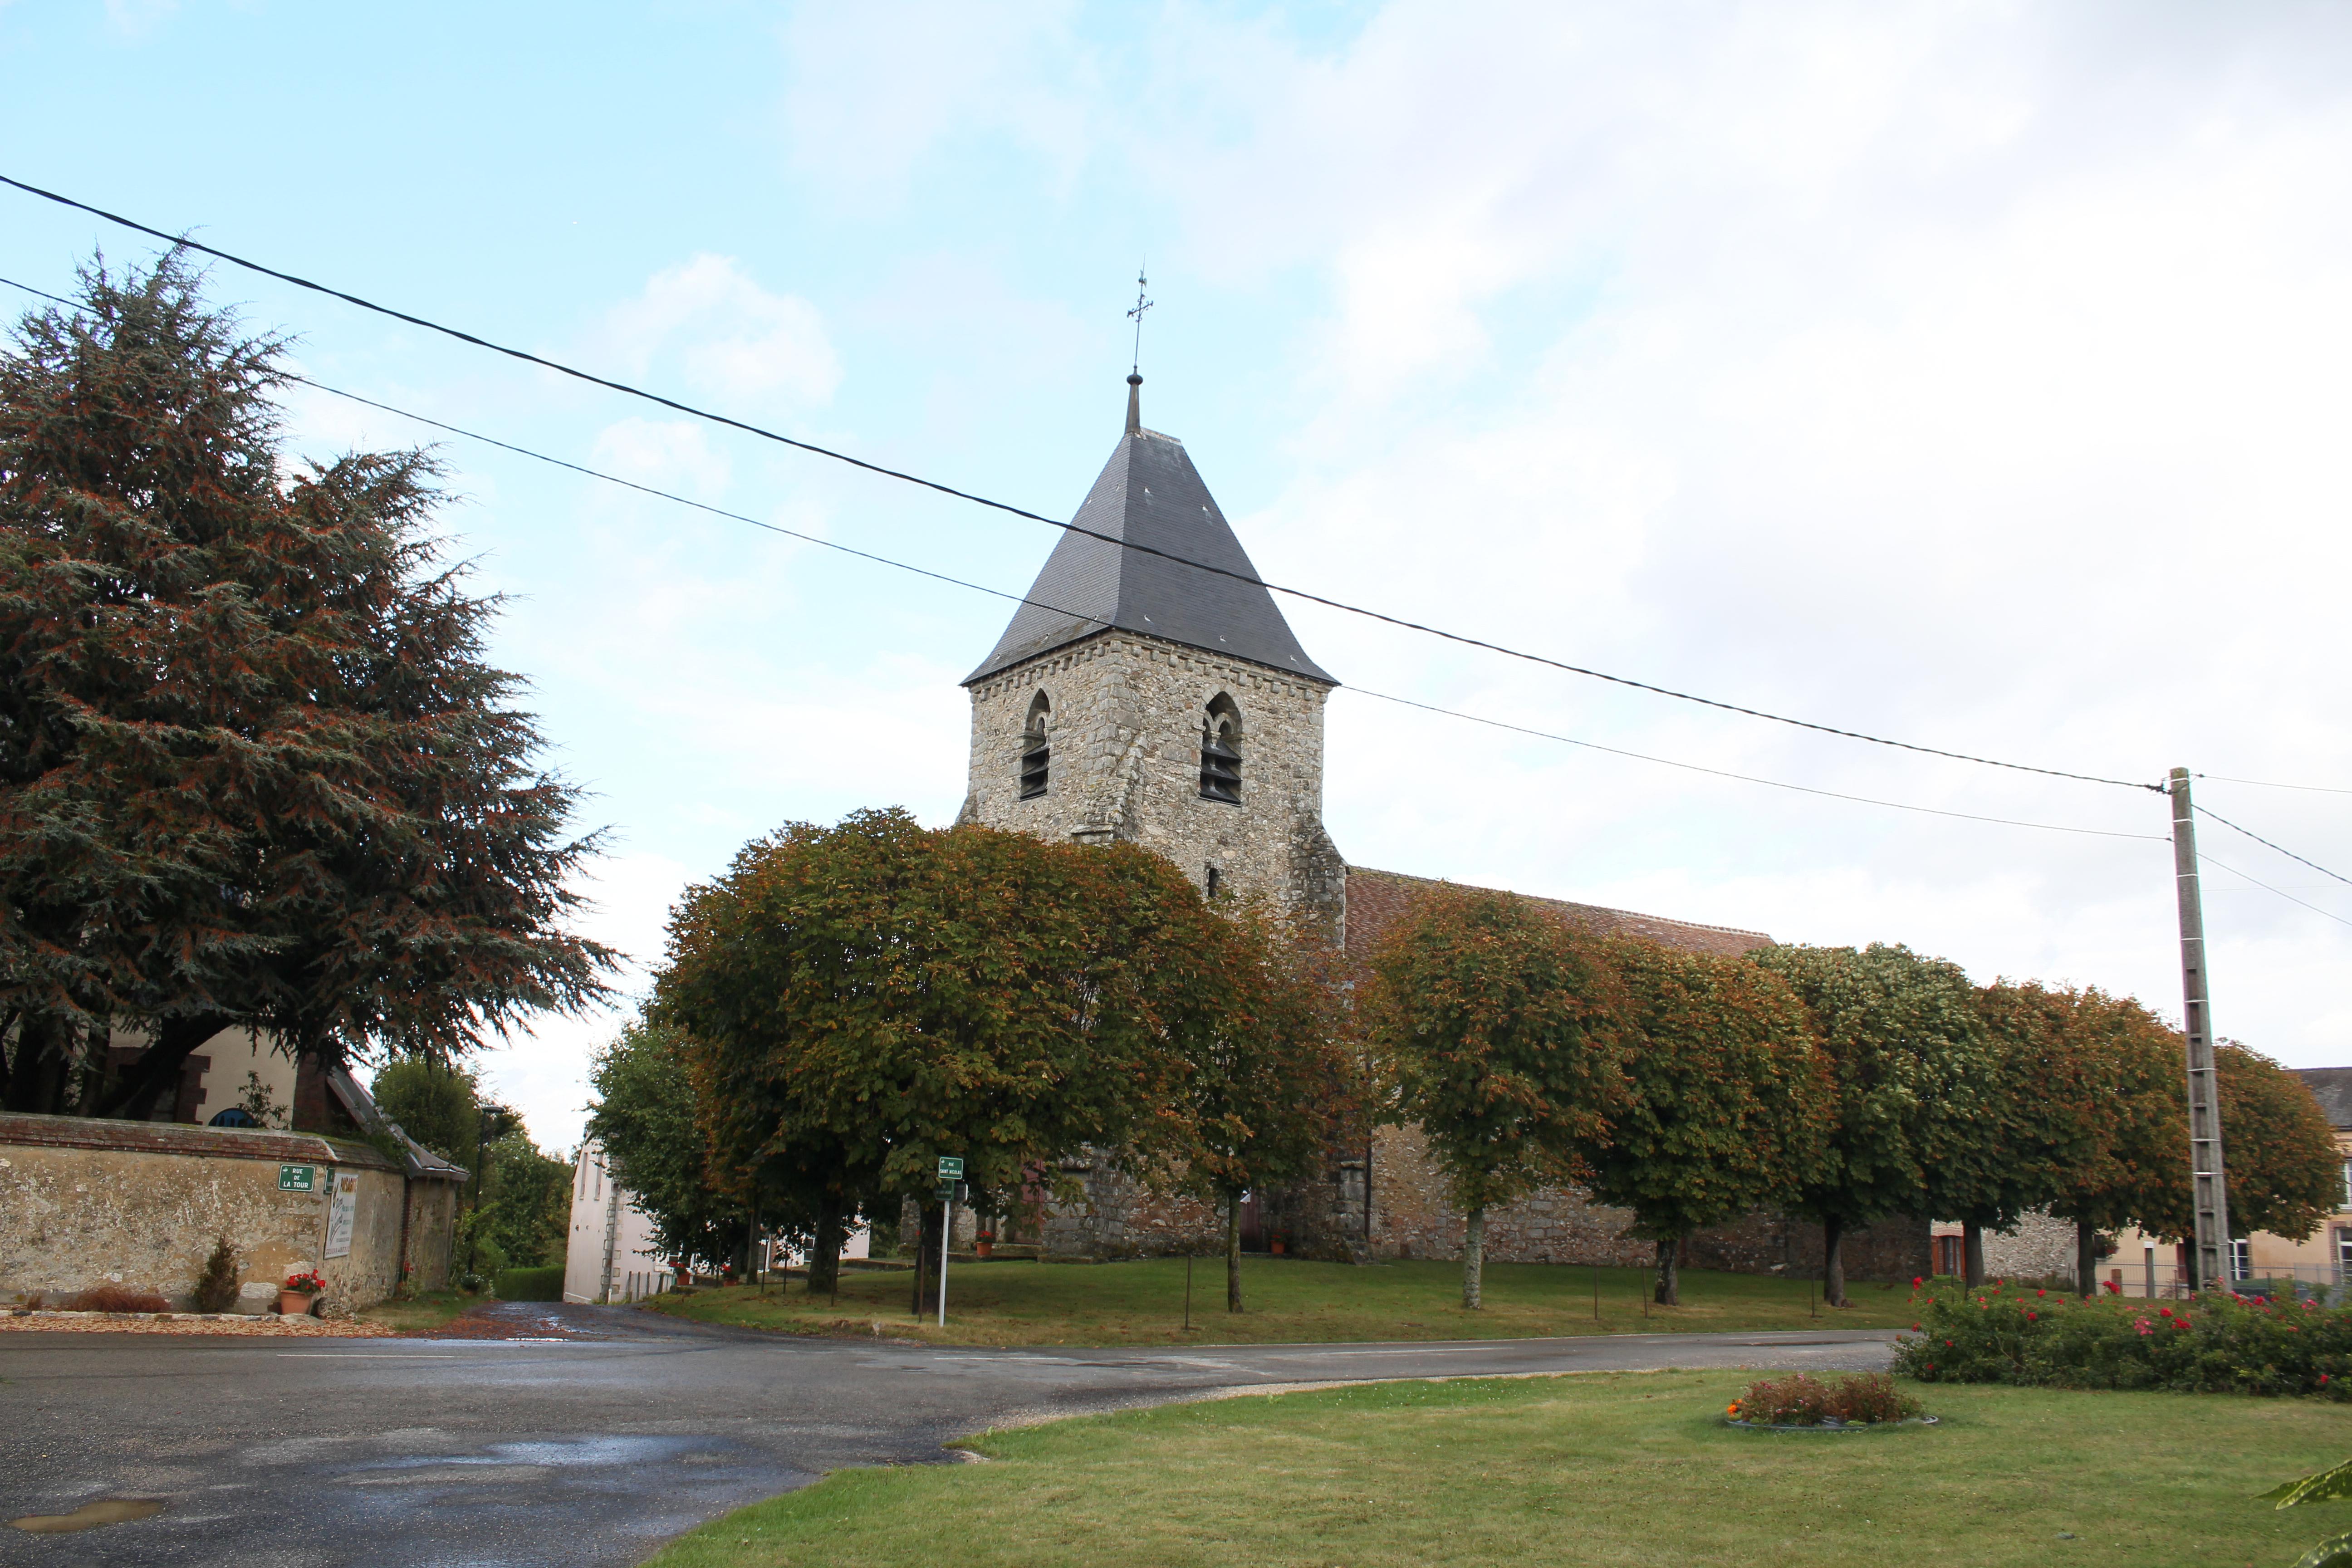 La Villeneuve-lès-Charleville